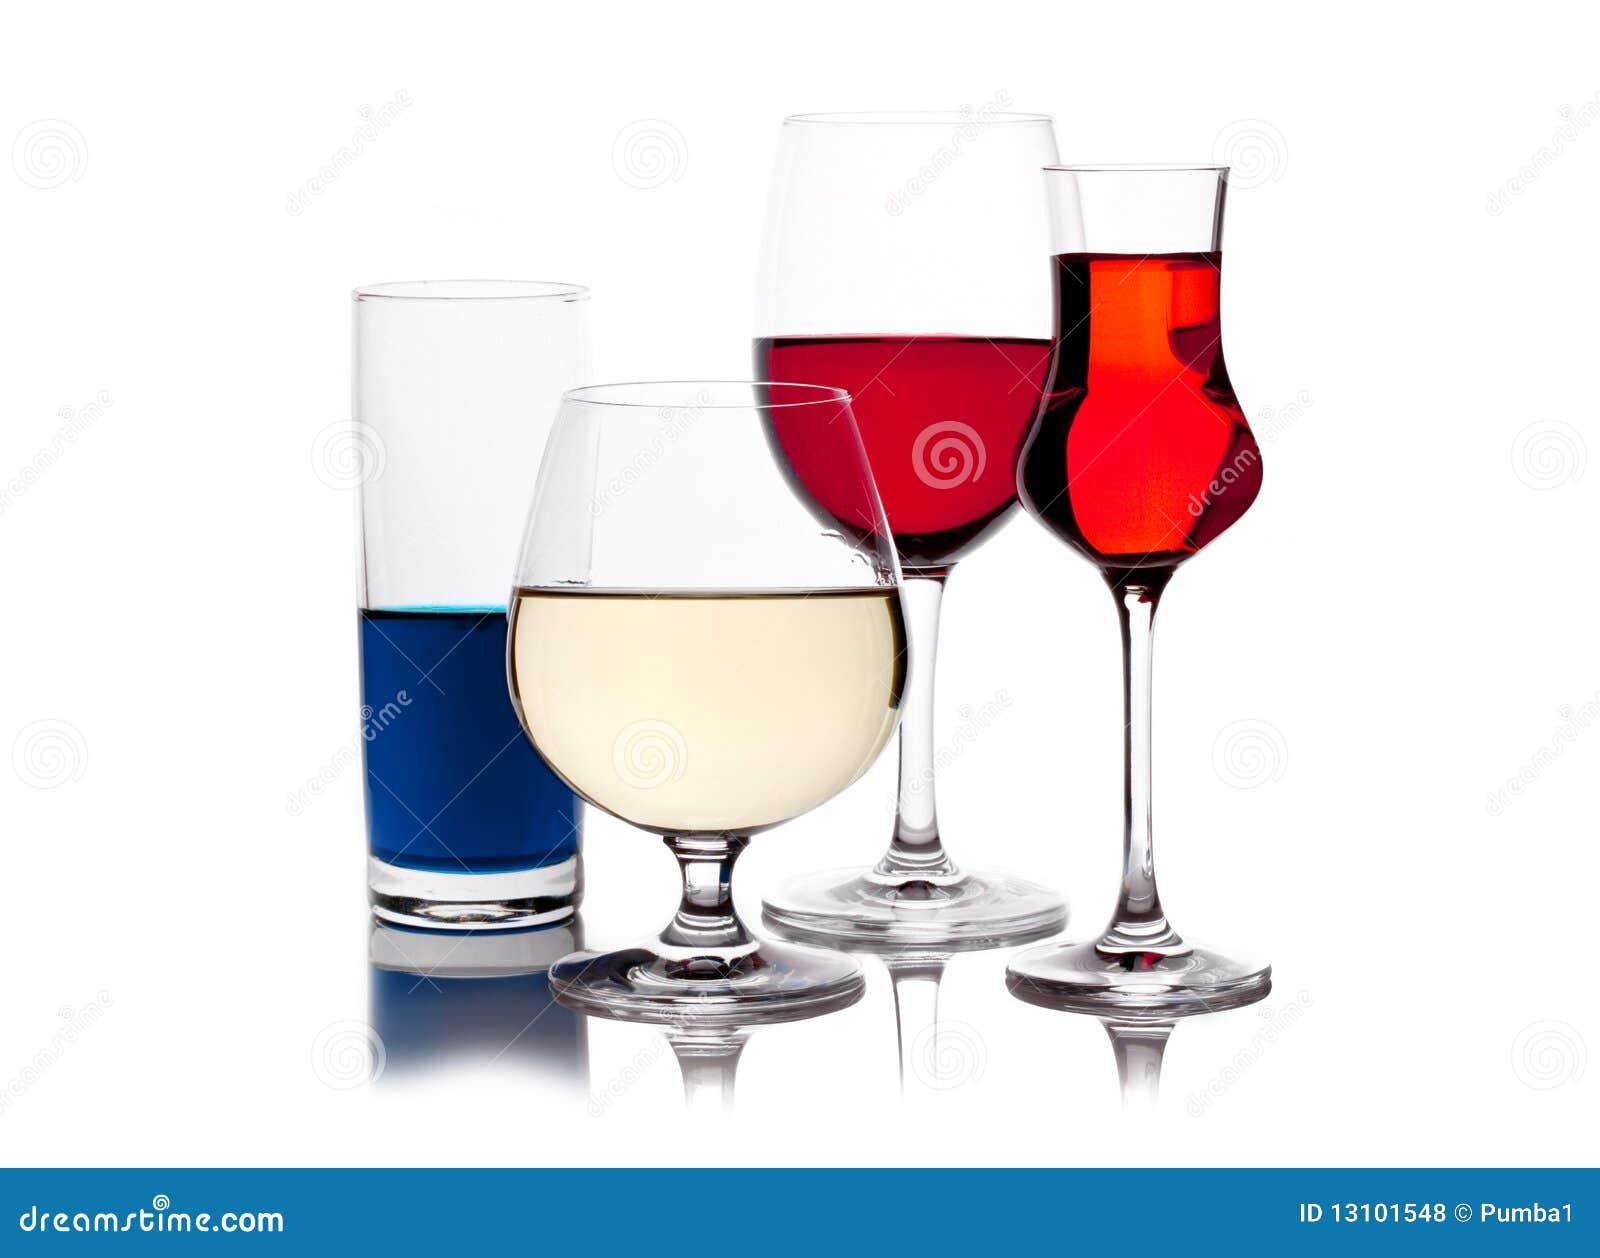 Verschiedene Farbige Getränke In Den Weingläsern Stockfoto - Bild ...